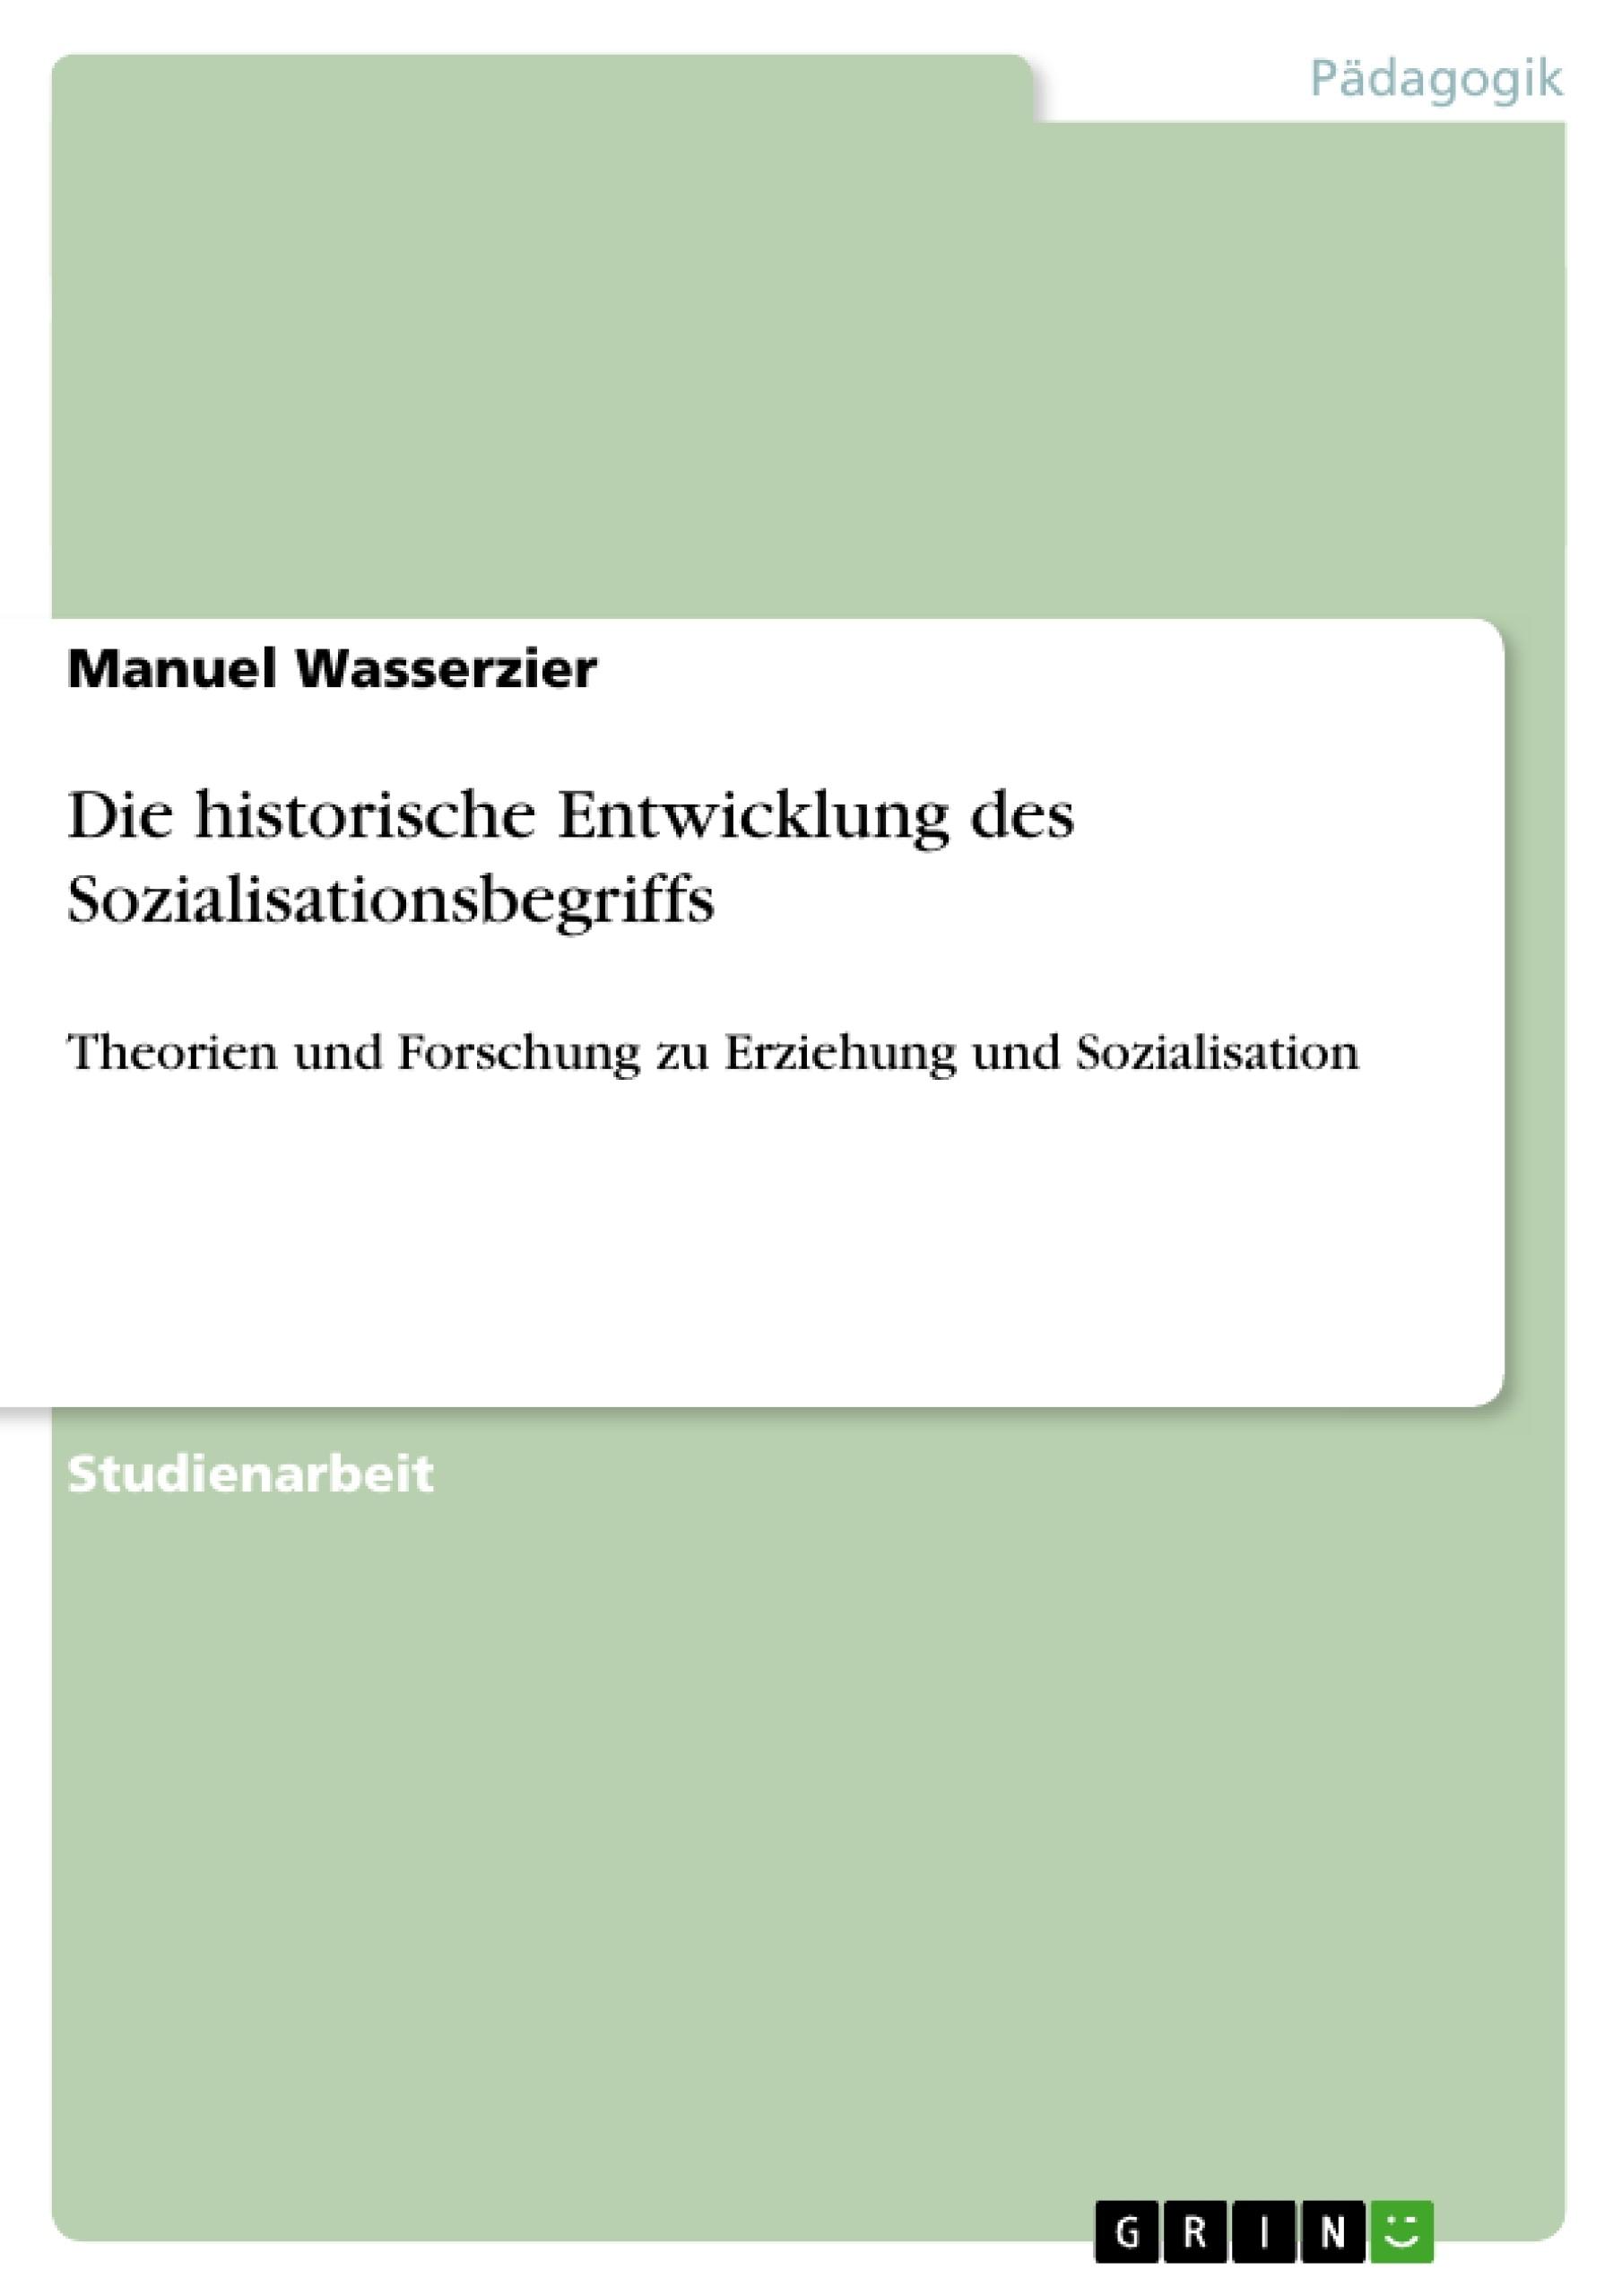 Titel: Die historische Entwicklung des Sozialisationsbegriffs